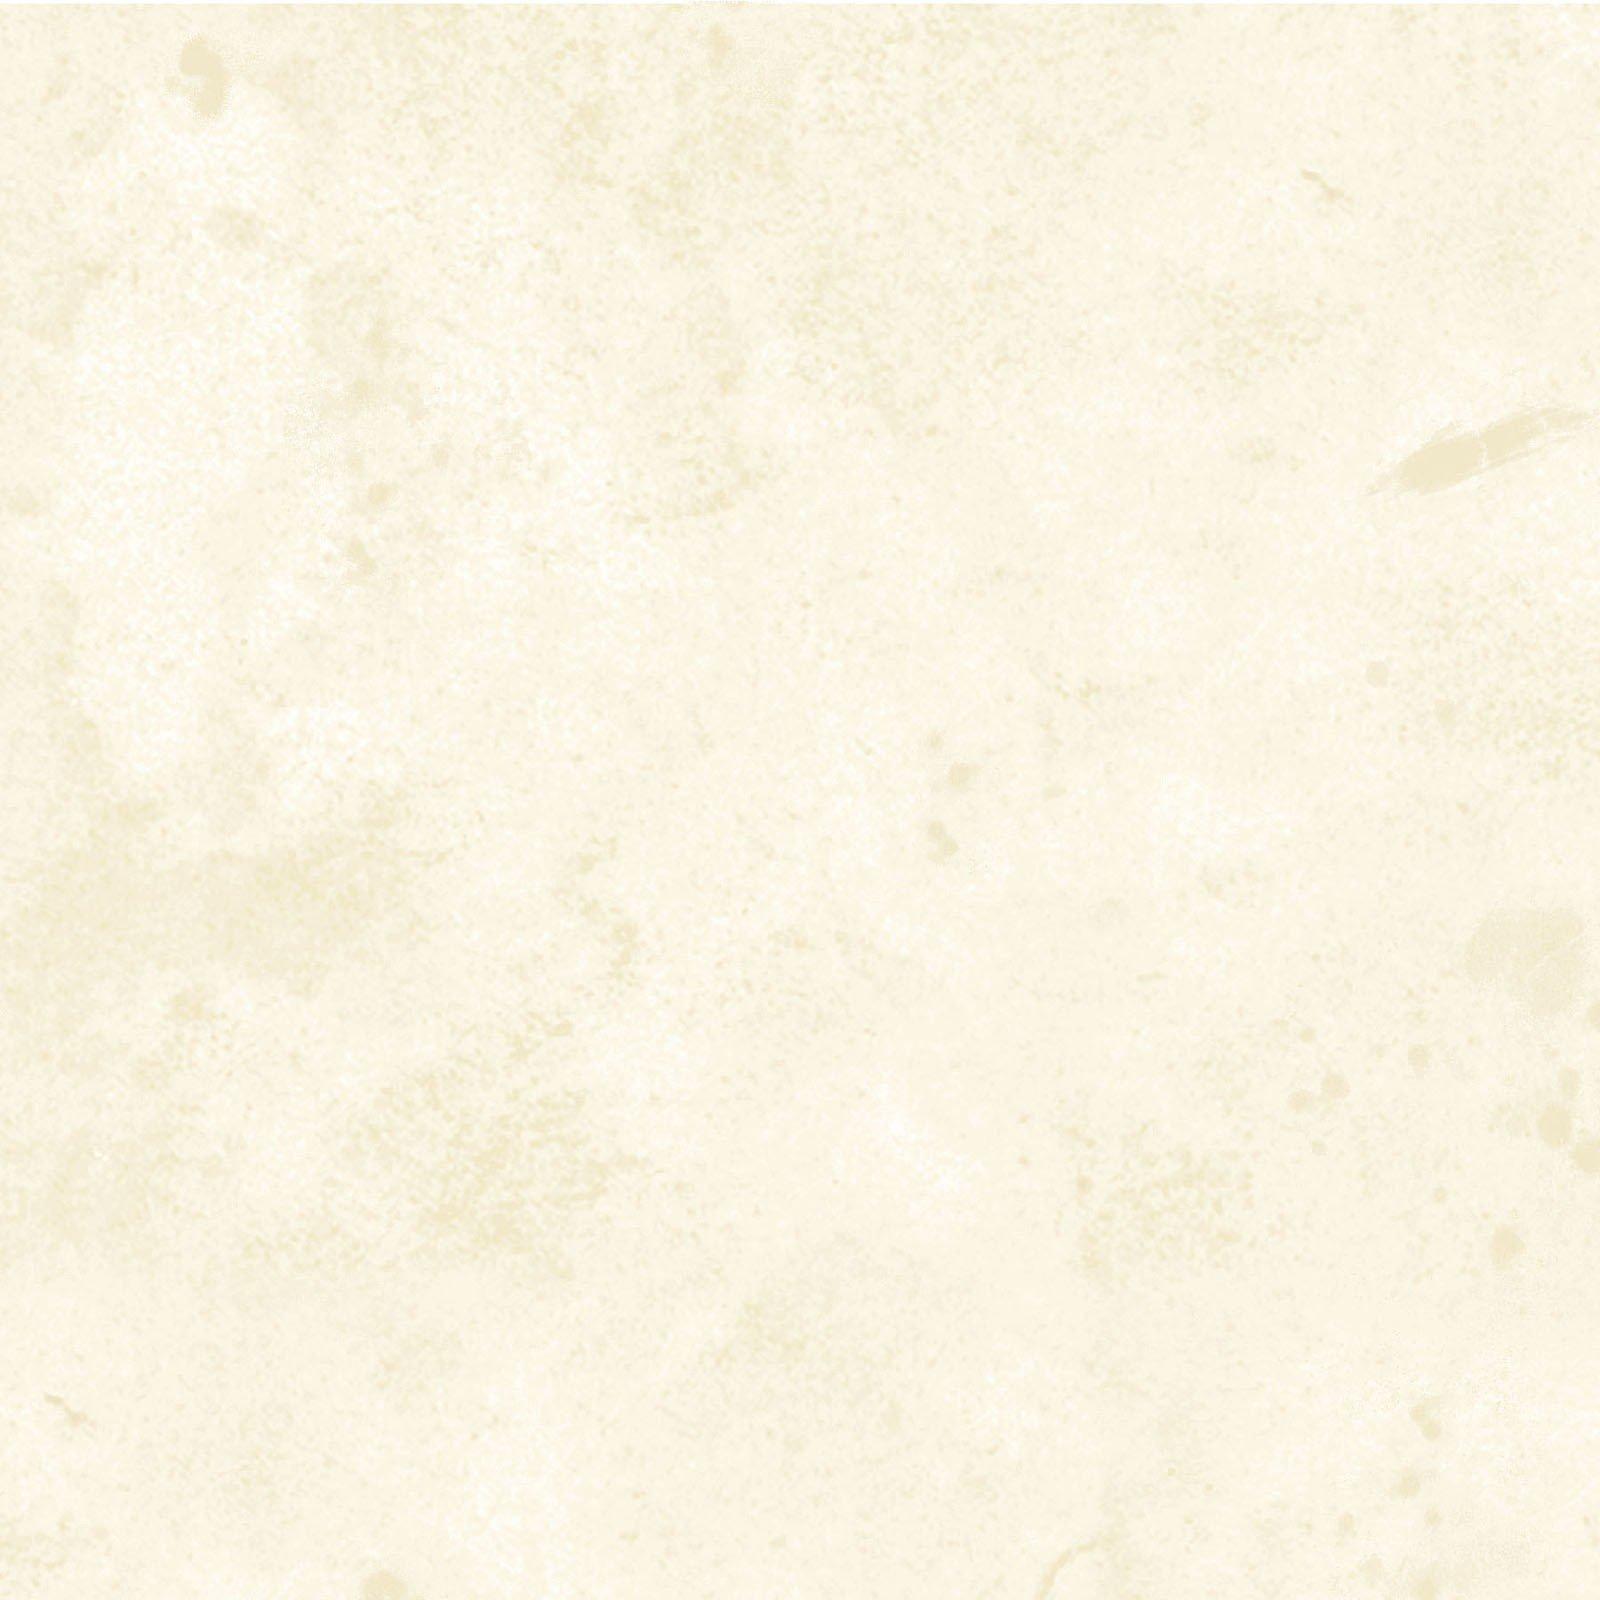 EOB - 1 yard 6 - Premier Vintage Solids - 4737 26764CRE1XXXX